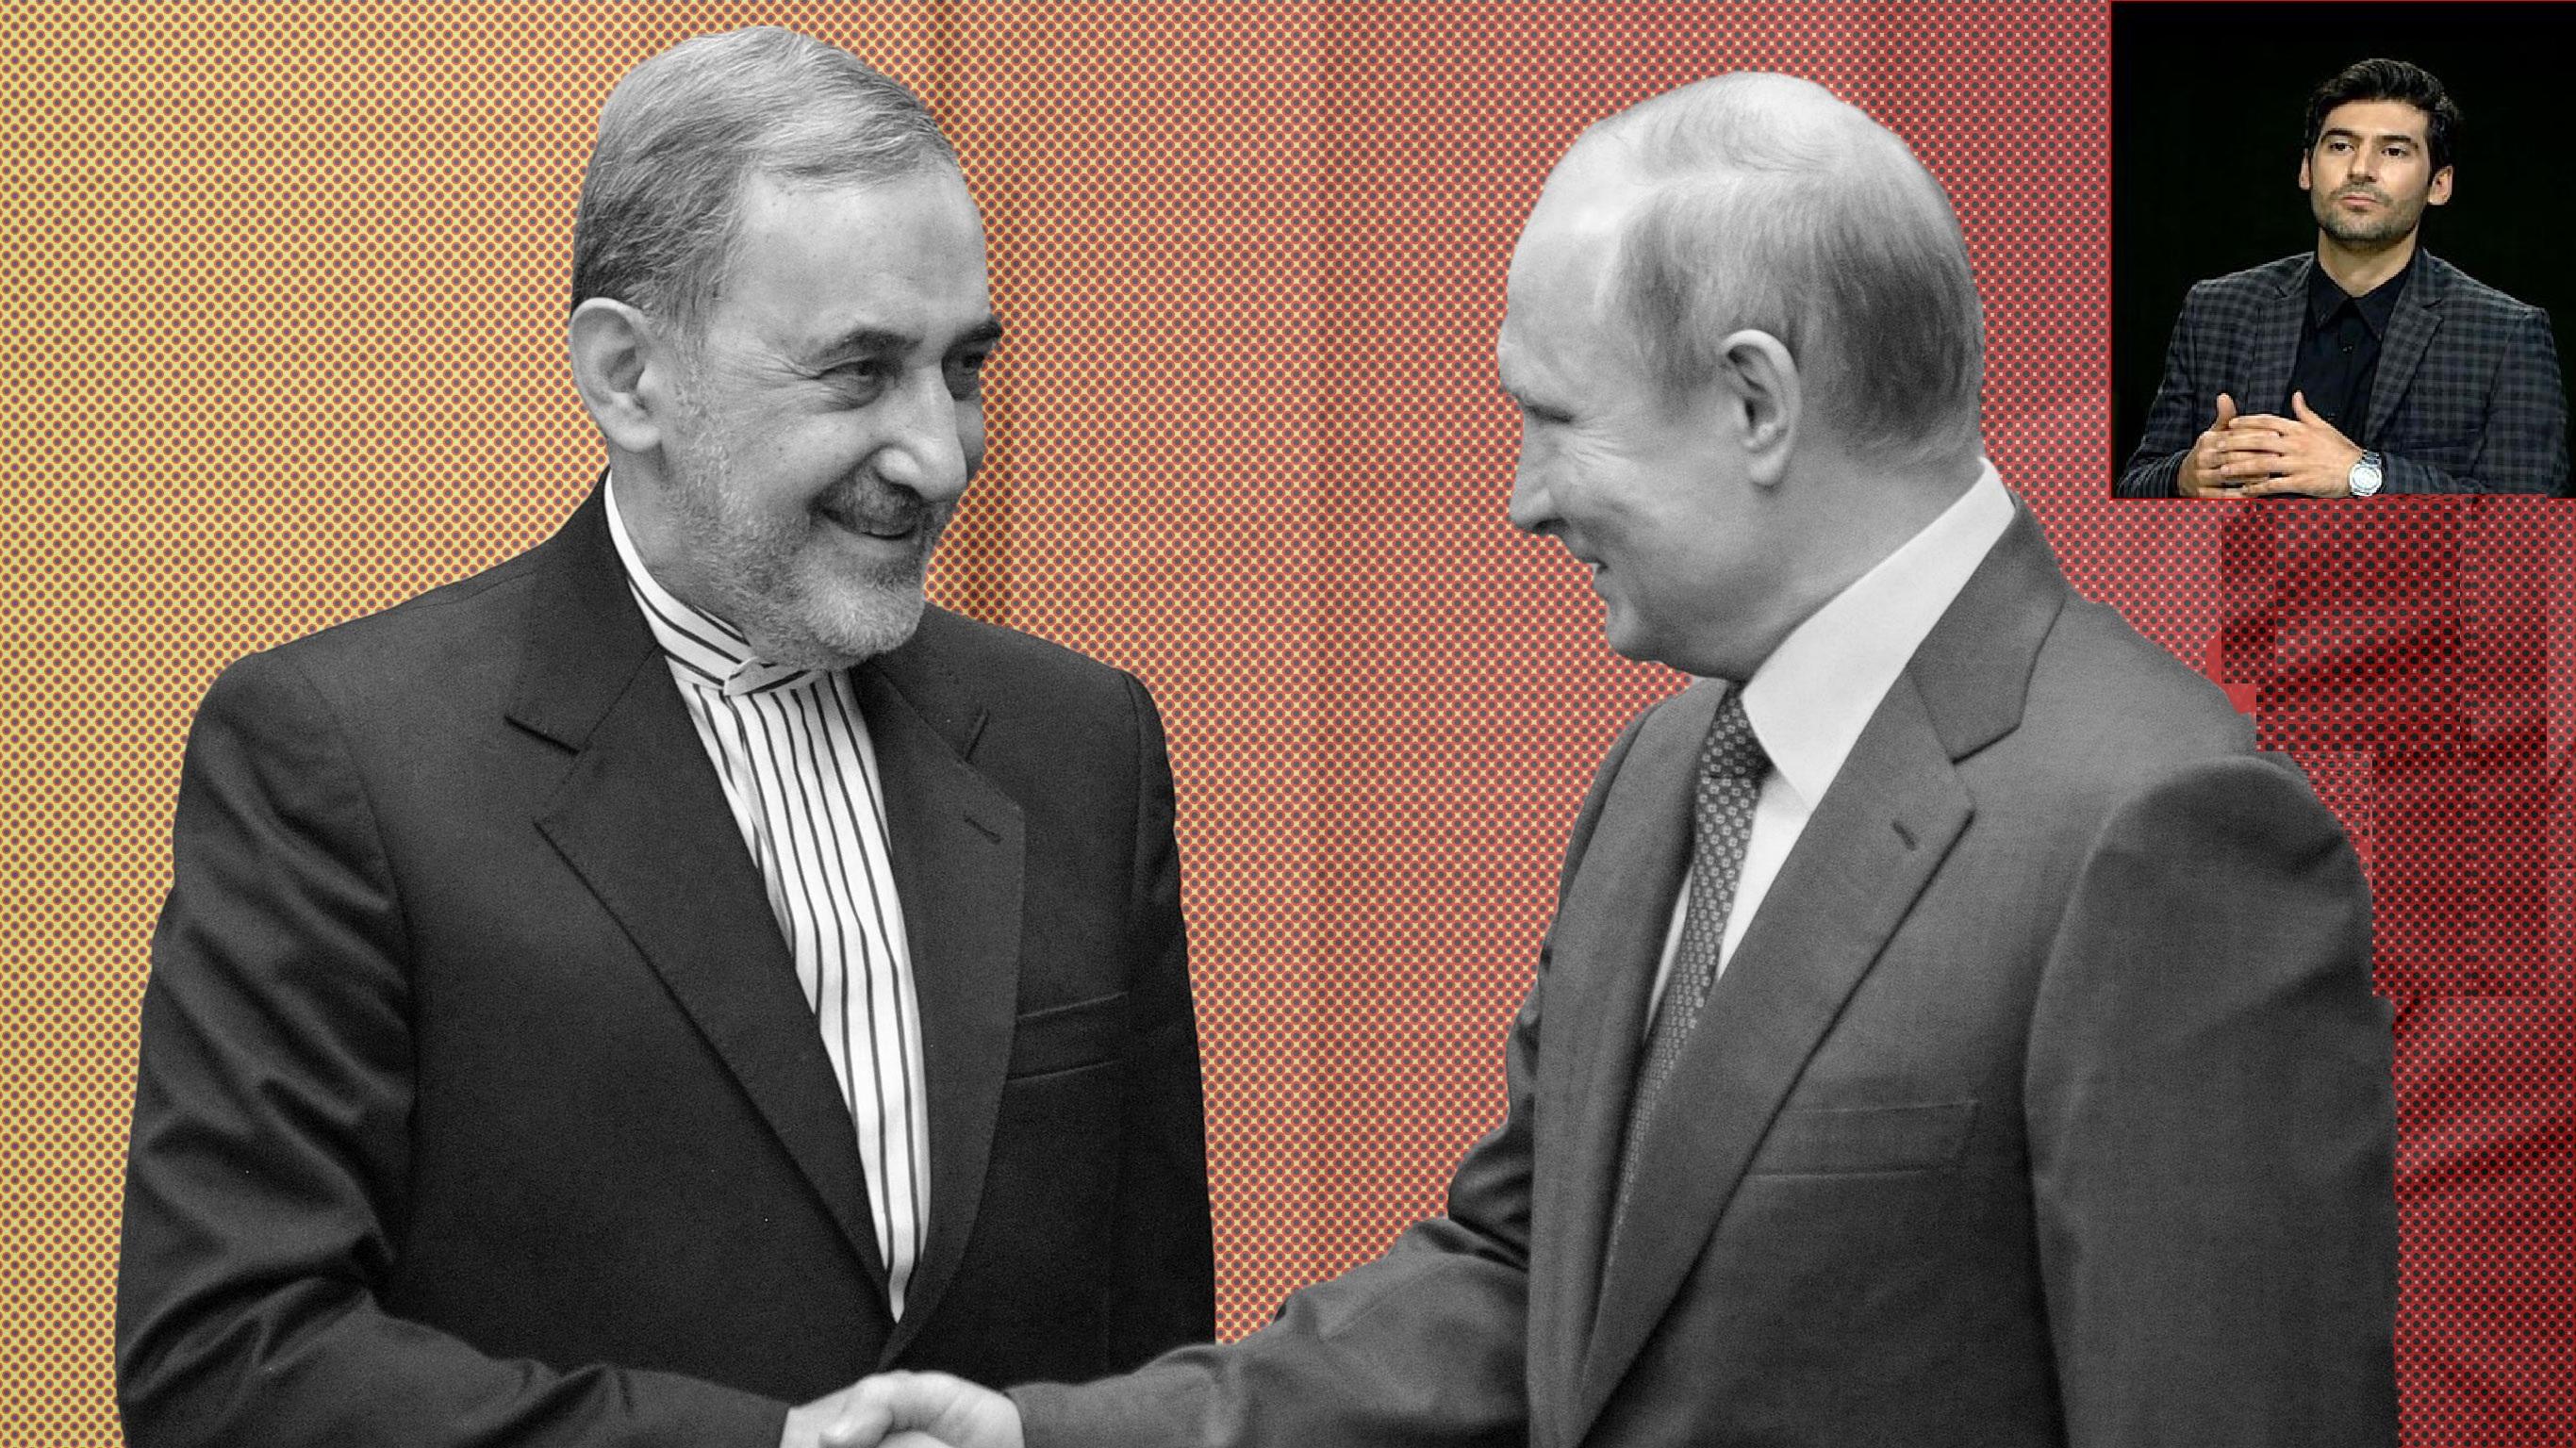 چرا توافقات راهبردی تهران-مسکو روی کاغذ می ماند؟